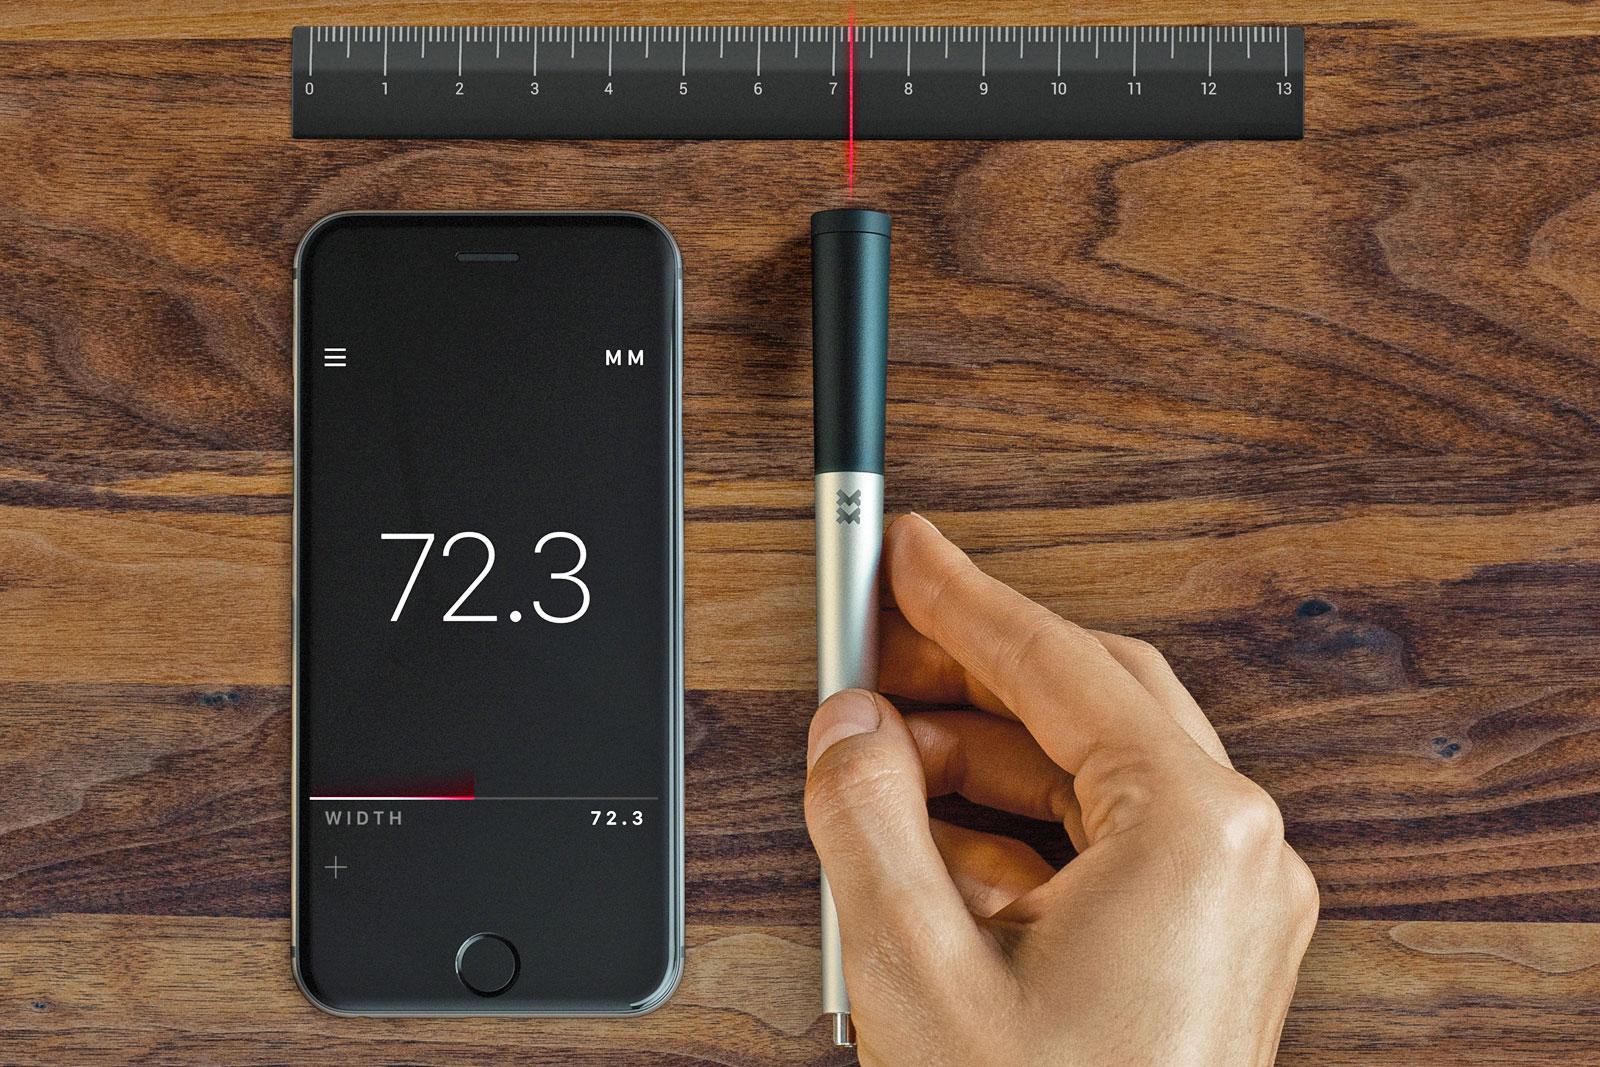 這支智慧筆幾乎能測量任何物體的尺寸